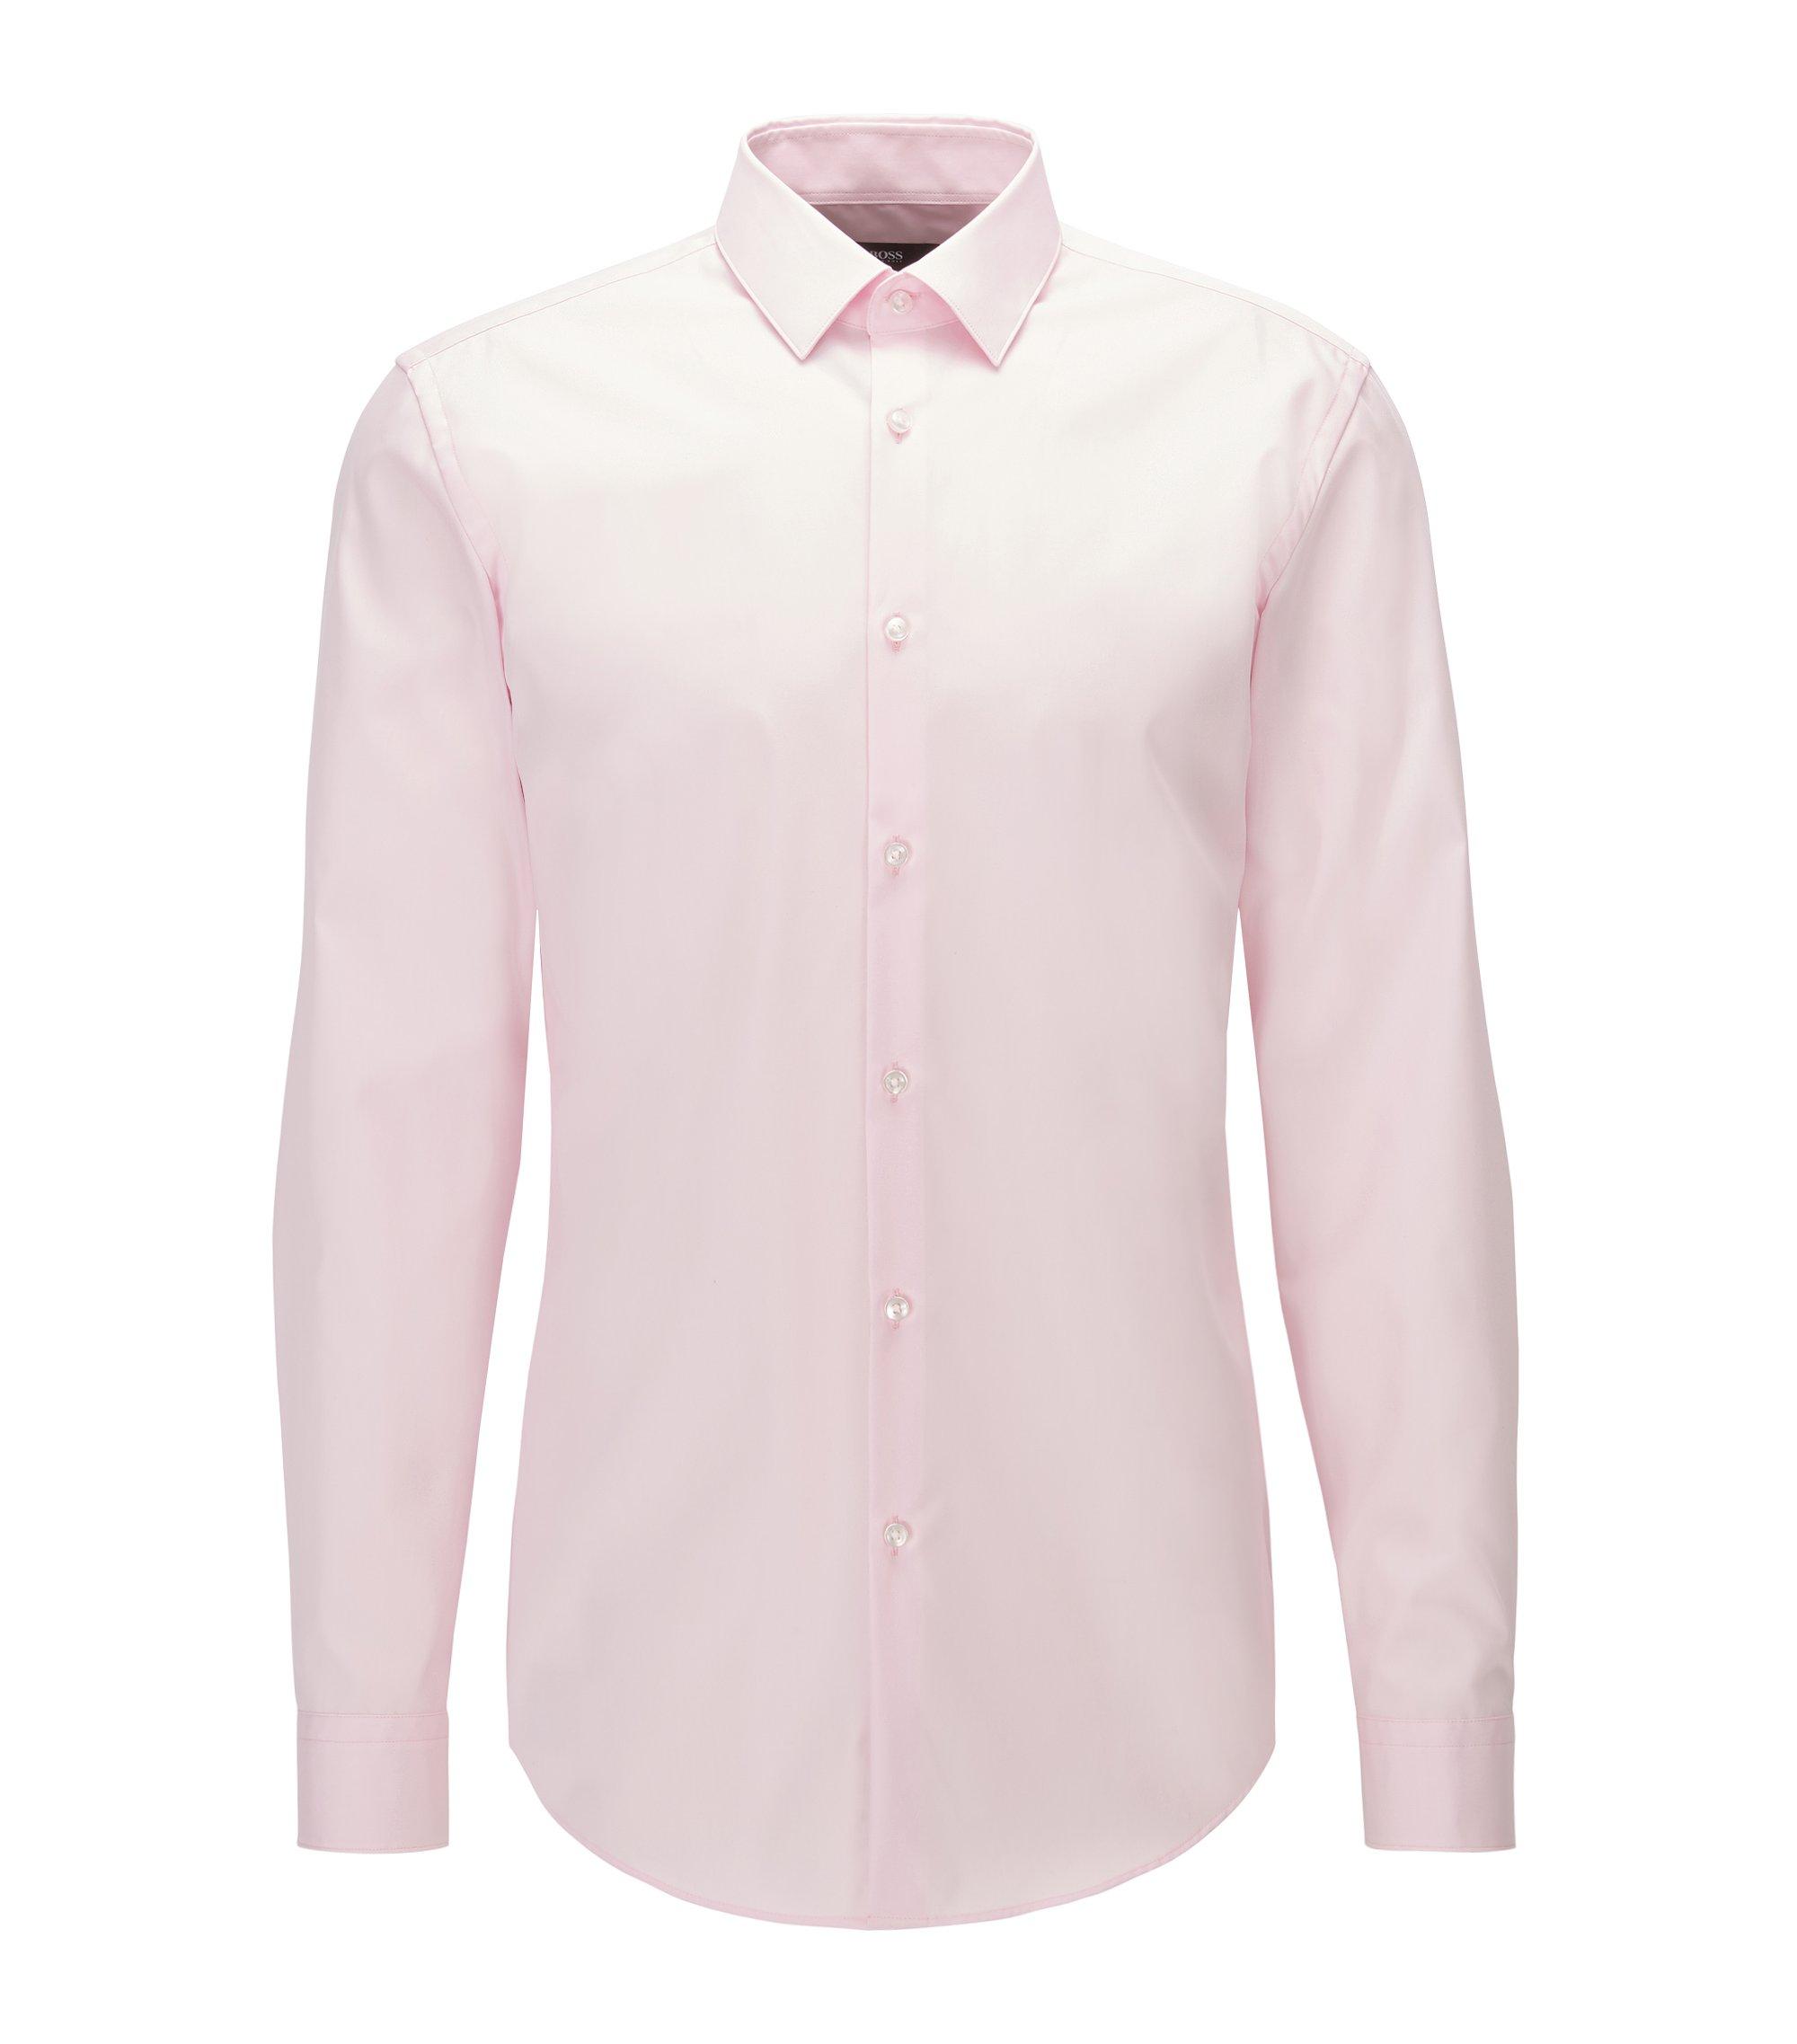 Slim-Fit Hemd aus bügelleichter Baumwoll-Popeline, Hellrosa